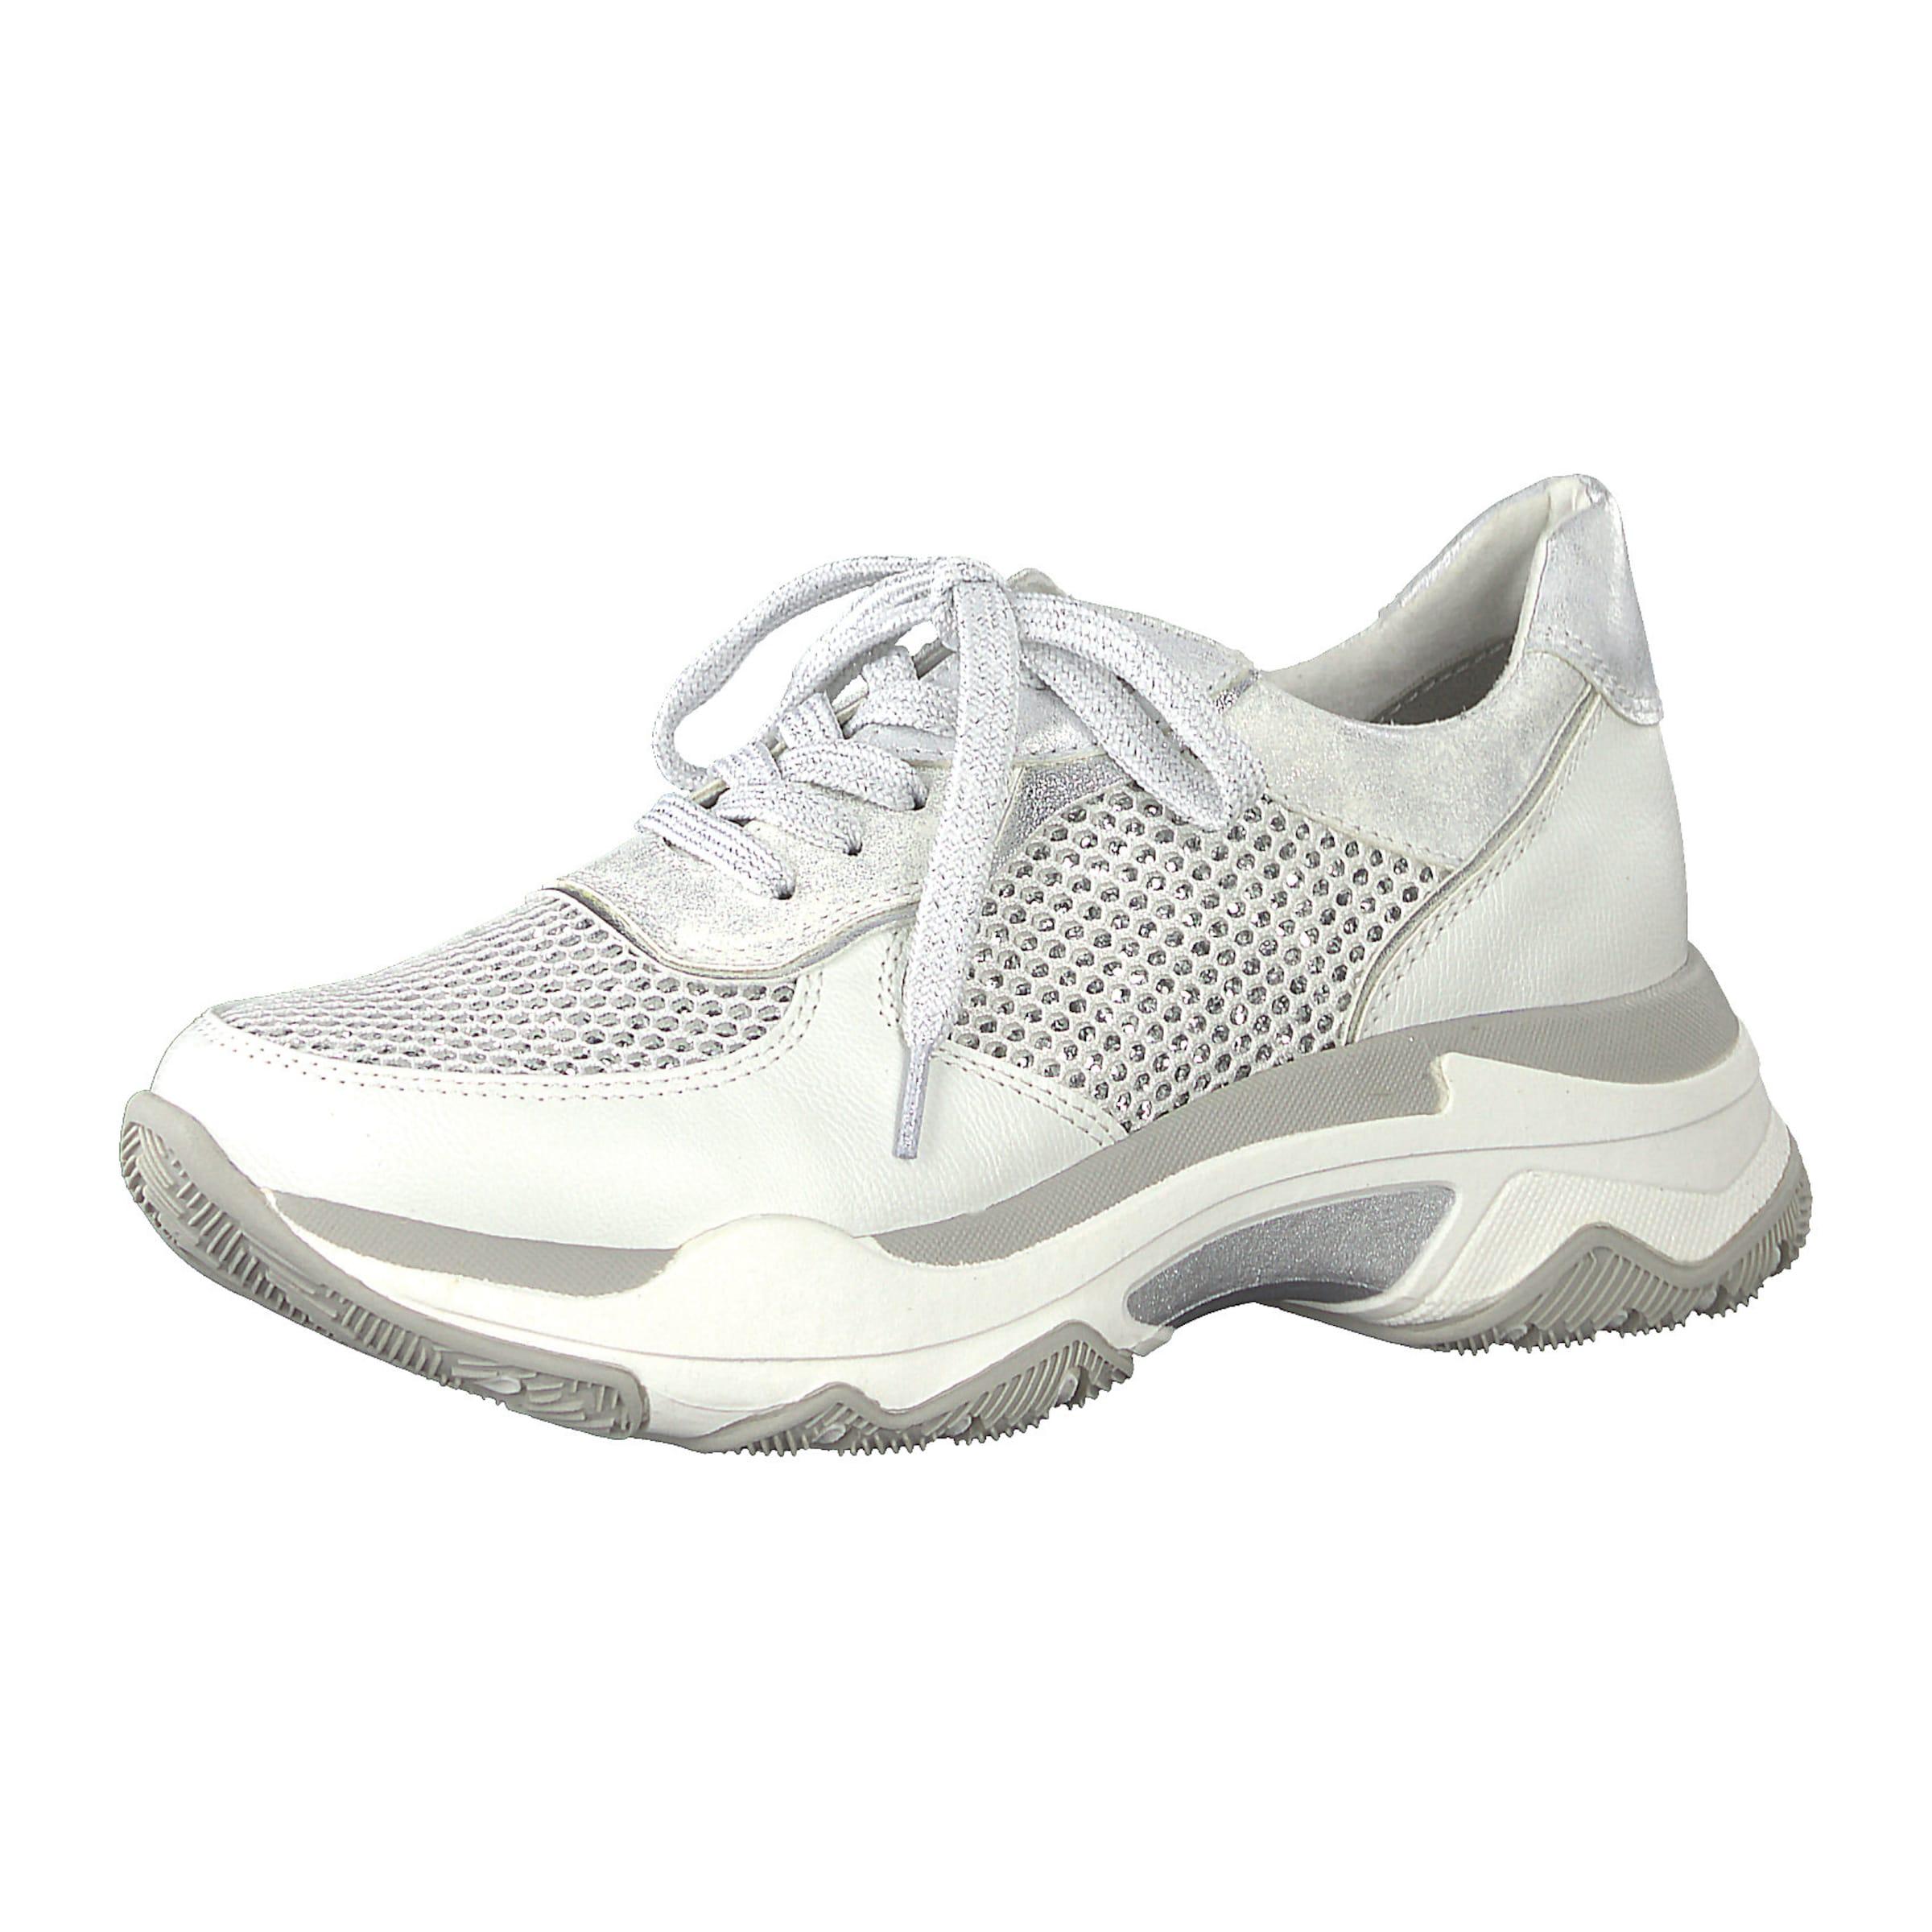 Sneakers Low In SilberWeiß Marco Tozzi 5R4AjL